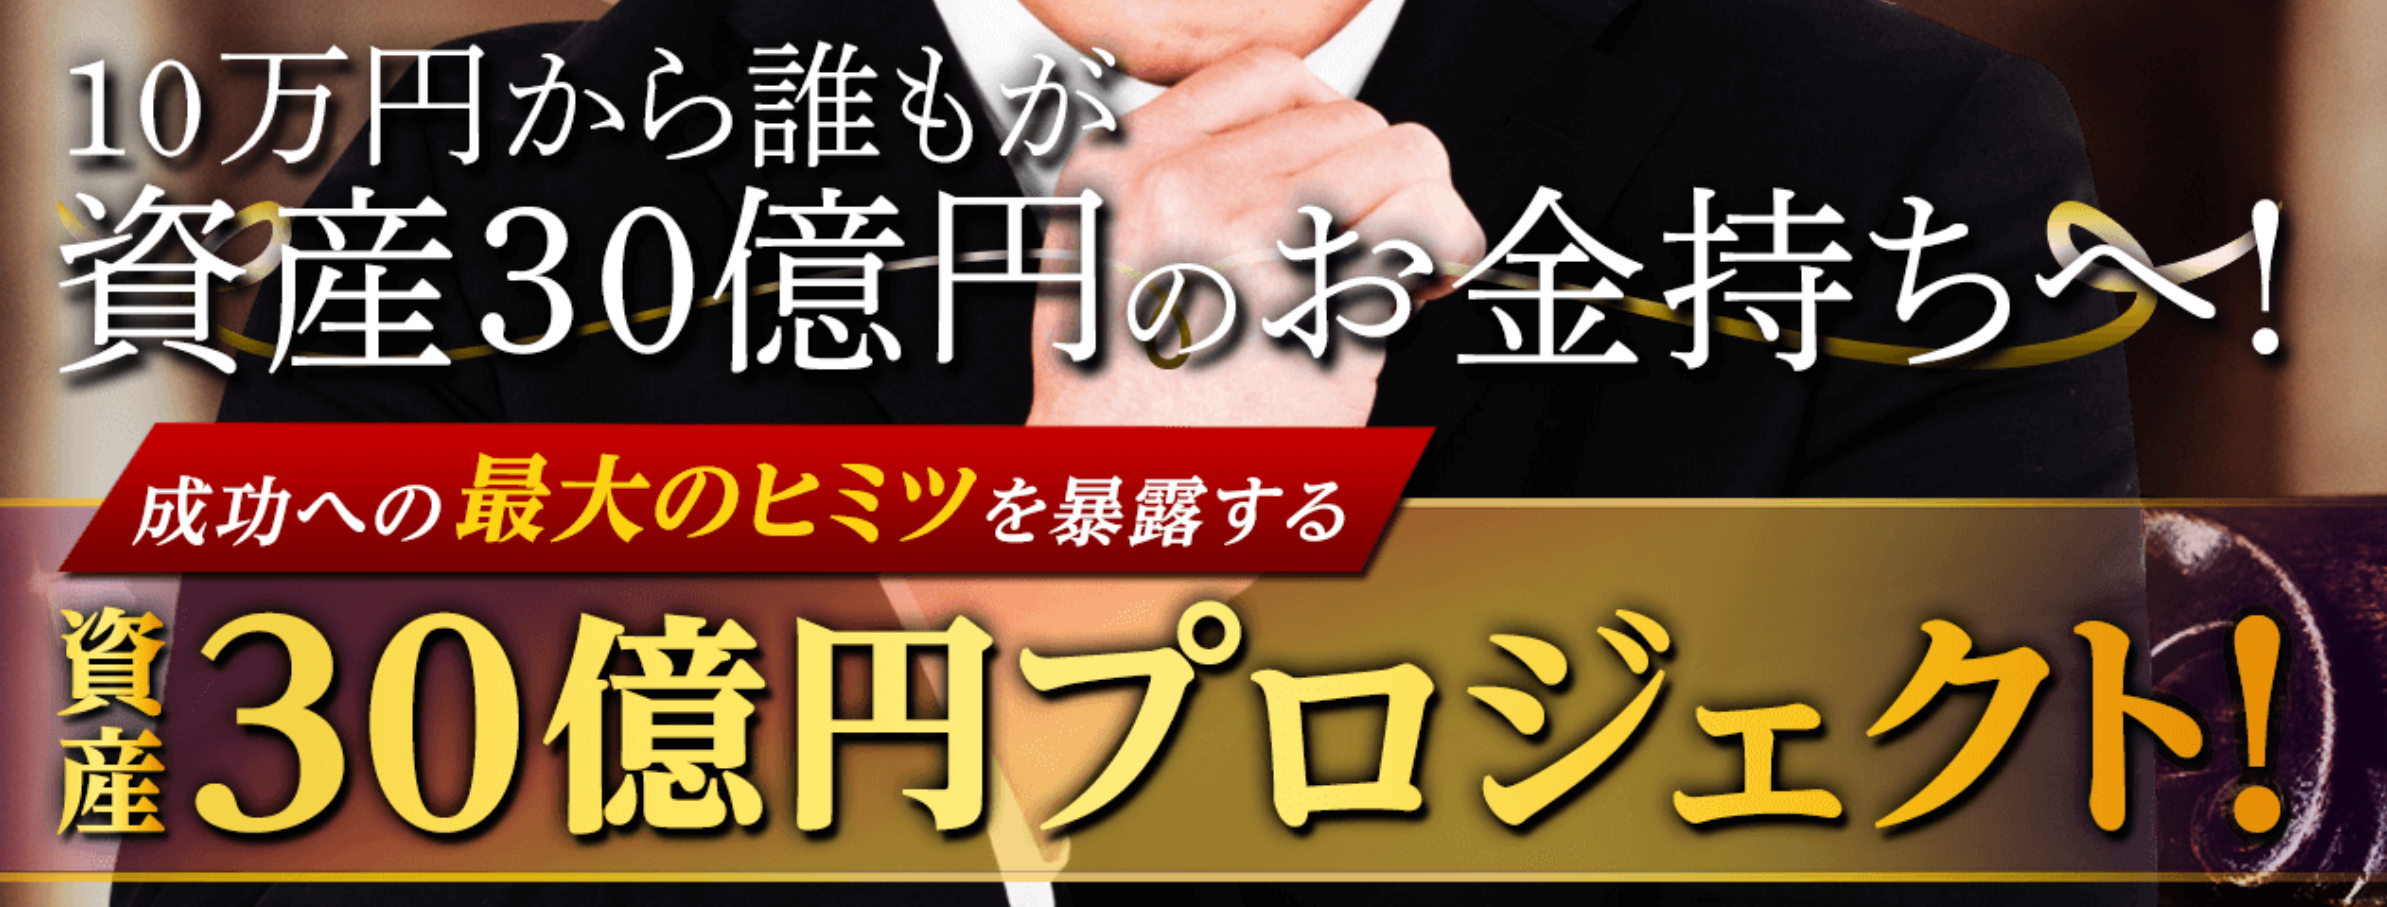 誰もが資産30億円を実現!?レター画像